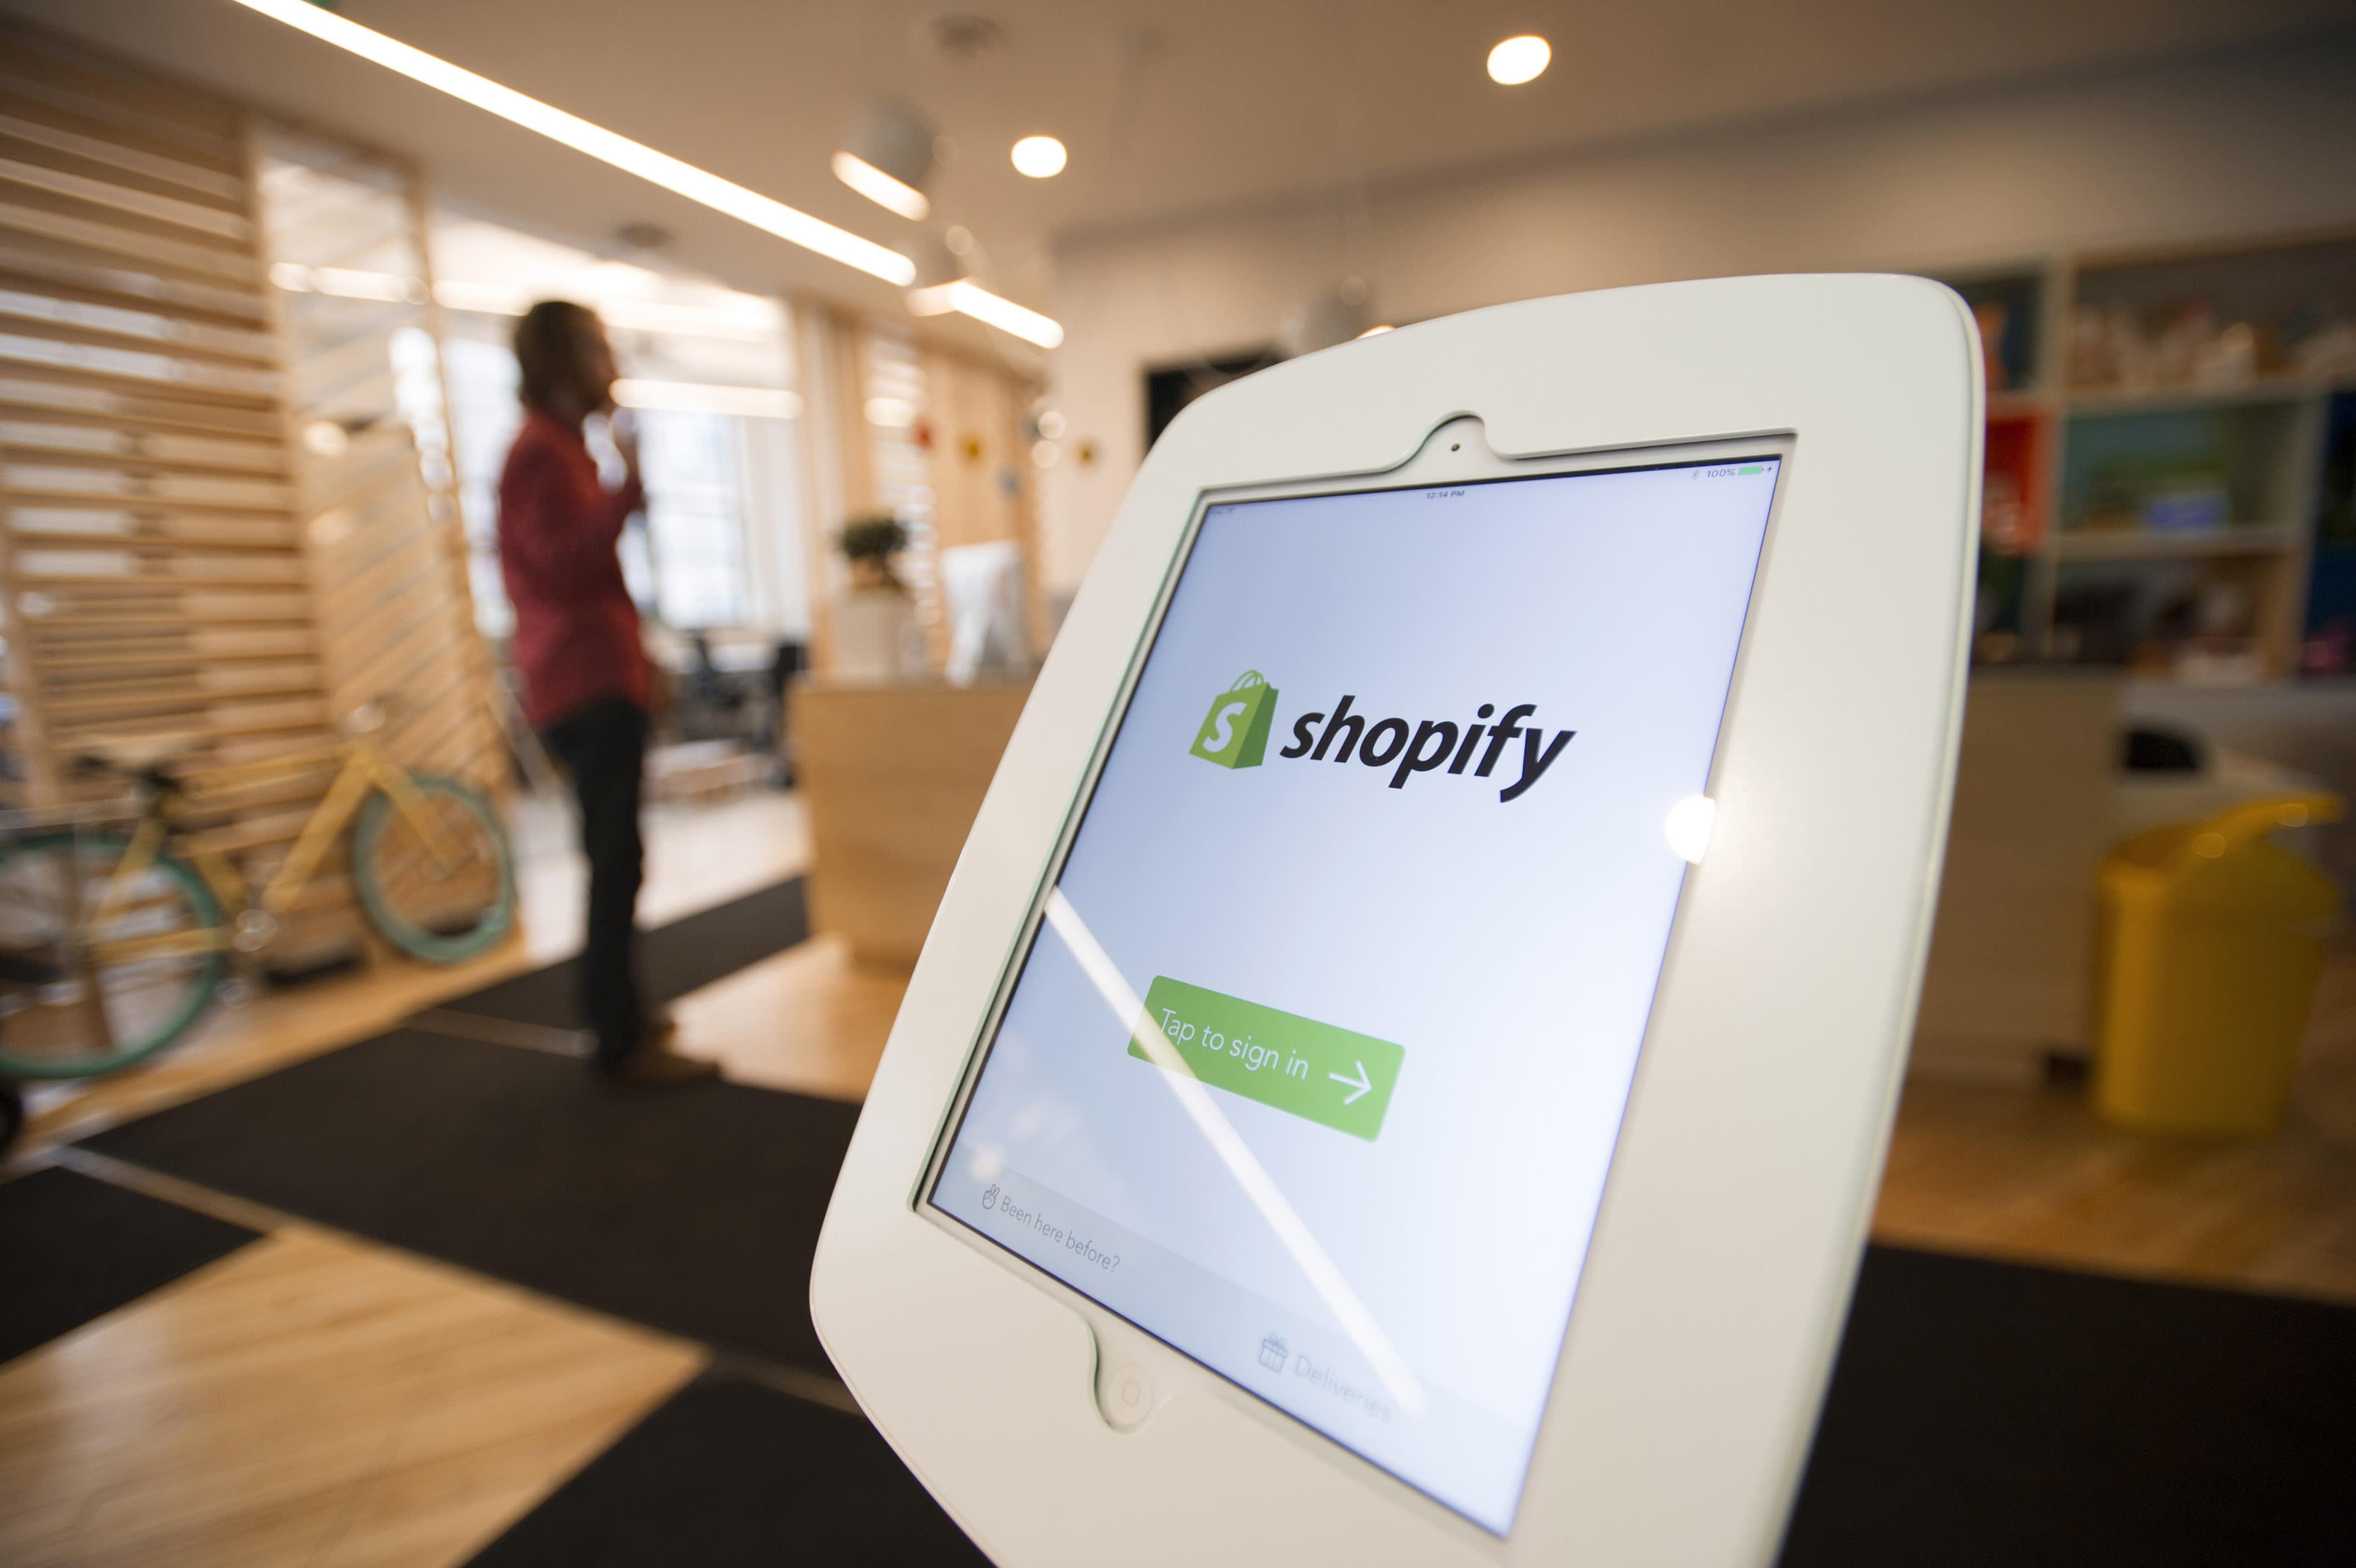 Shopify helped make Kylie Jenner nearly a billion dollars